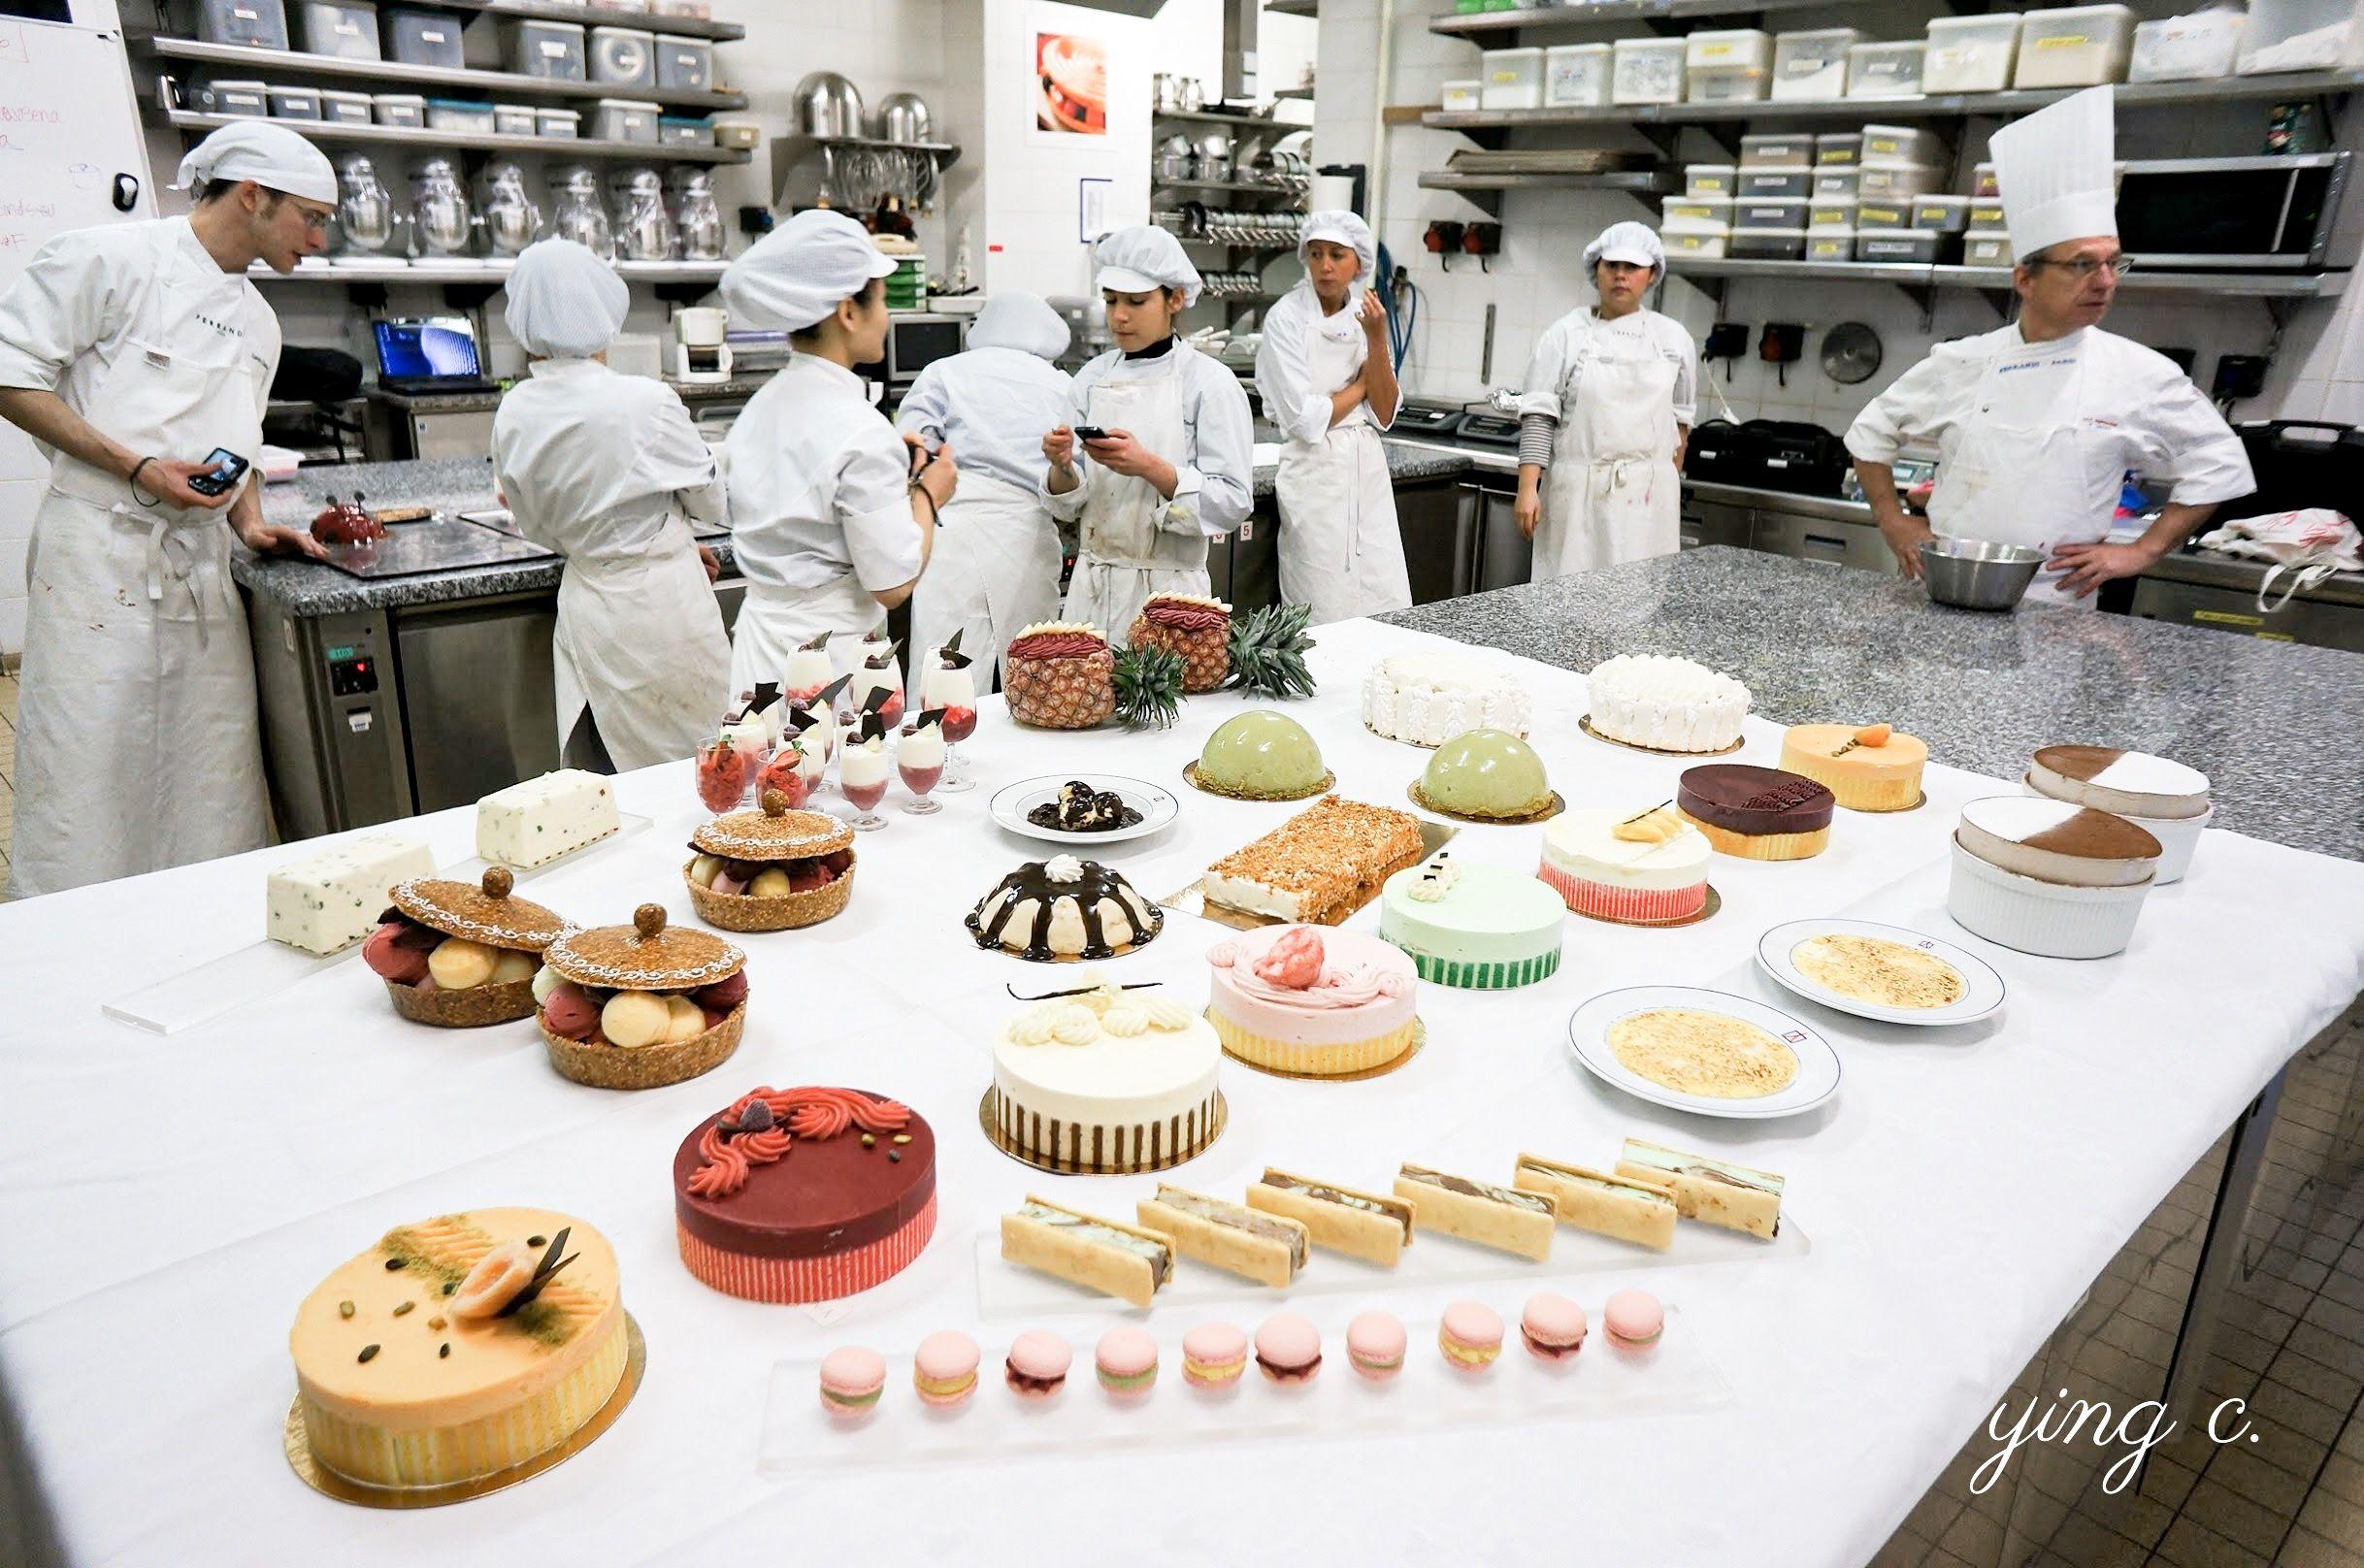 我在  Ferrandi 法式甜點國際密集班 上課時,每週以法式甜點的不同類別為主題教學與實作。圖中是上到「glaces」冰品時,週五把本週所有的作品擺出來讓大家拍照。